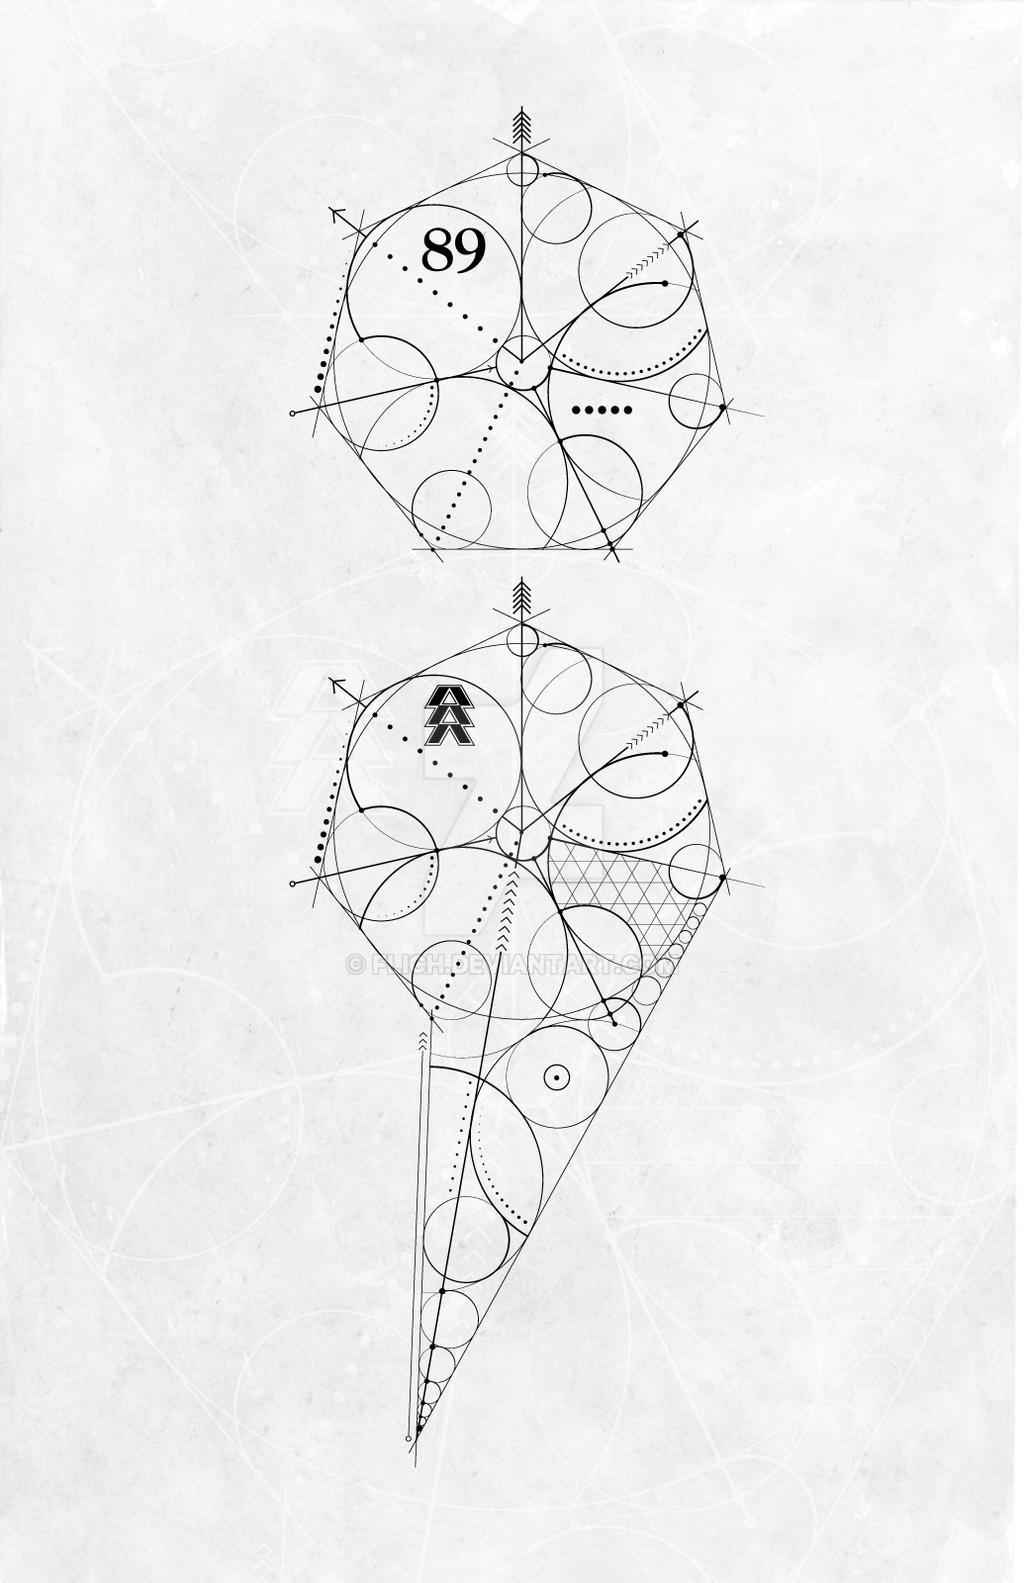 Semicolon Tattoo Design: Semicolon Tattoo Design By Flich On DeviantArt